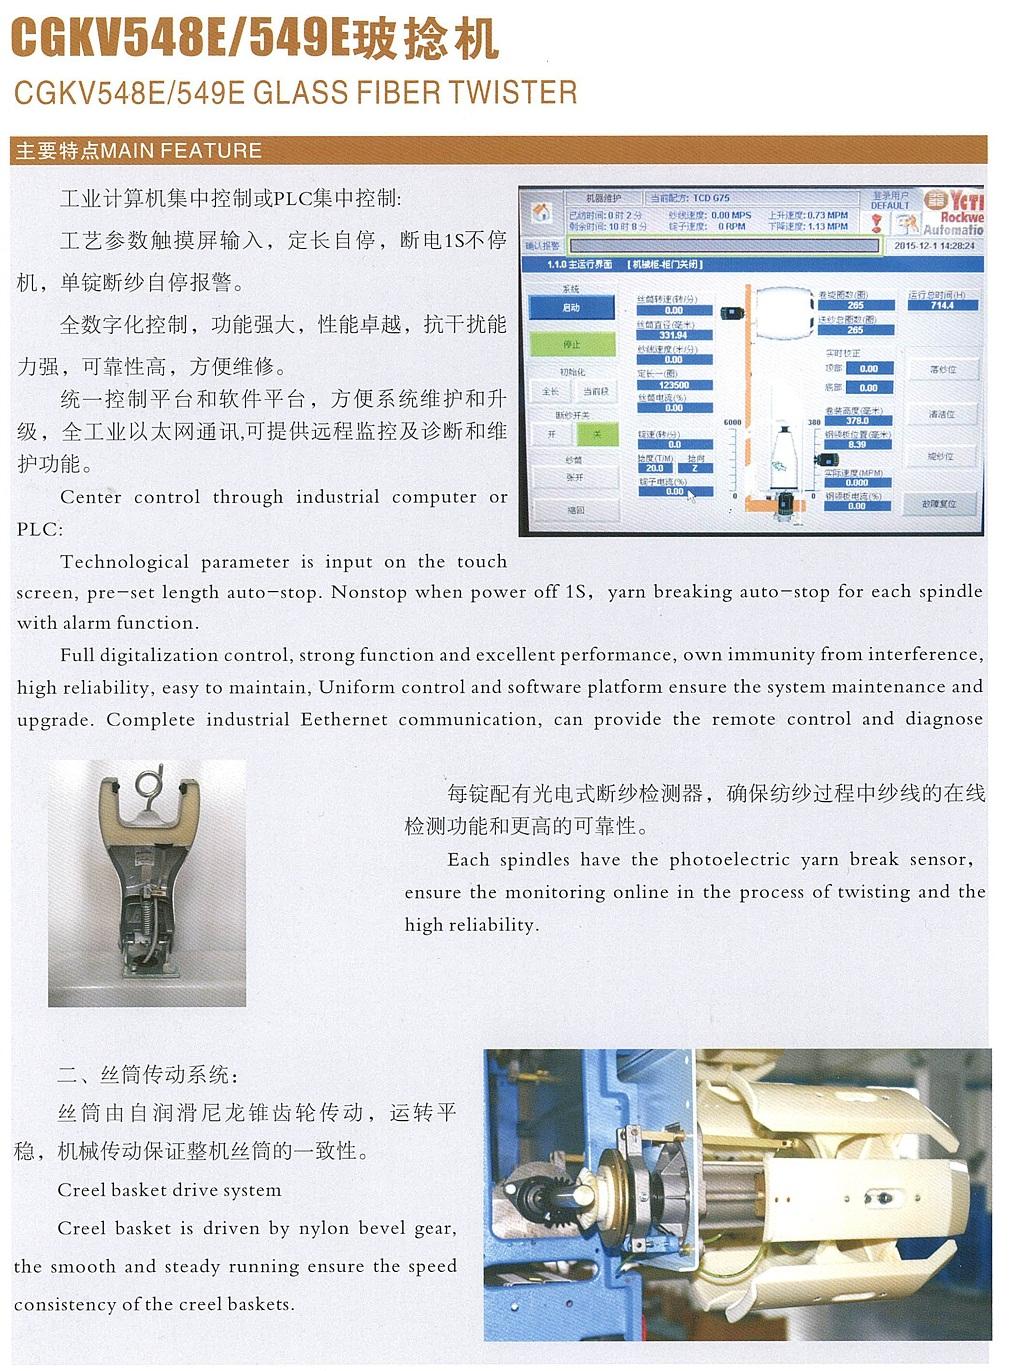 CGKV548E-549E产品详情三